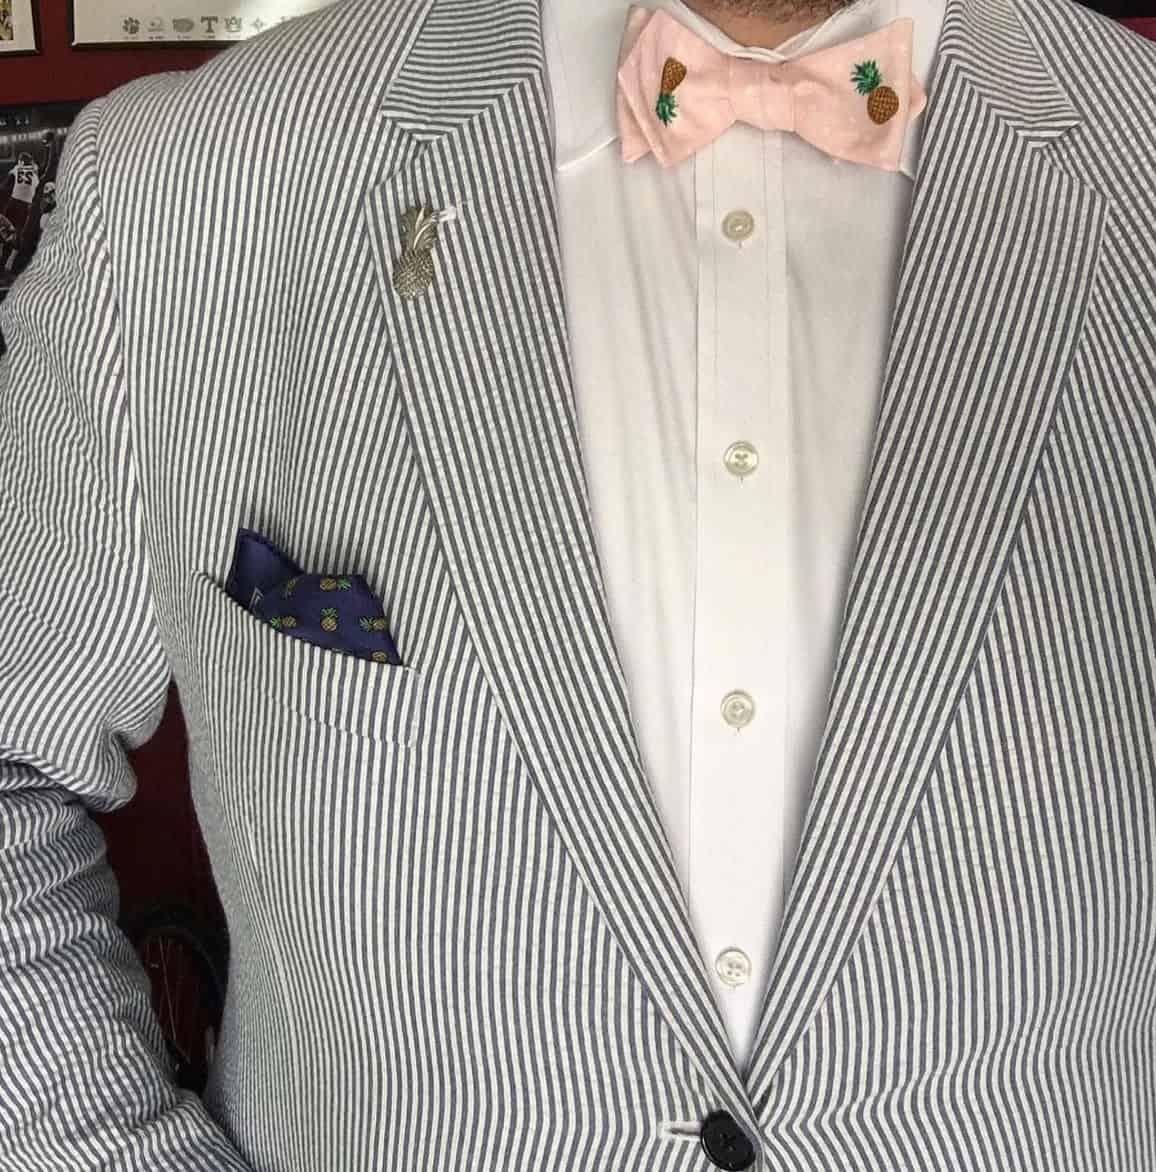 seersucker suit with pink bow tie